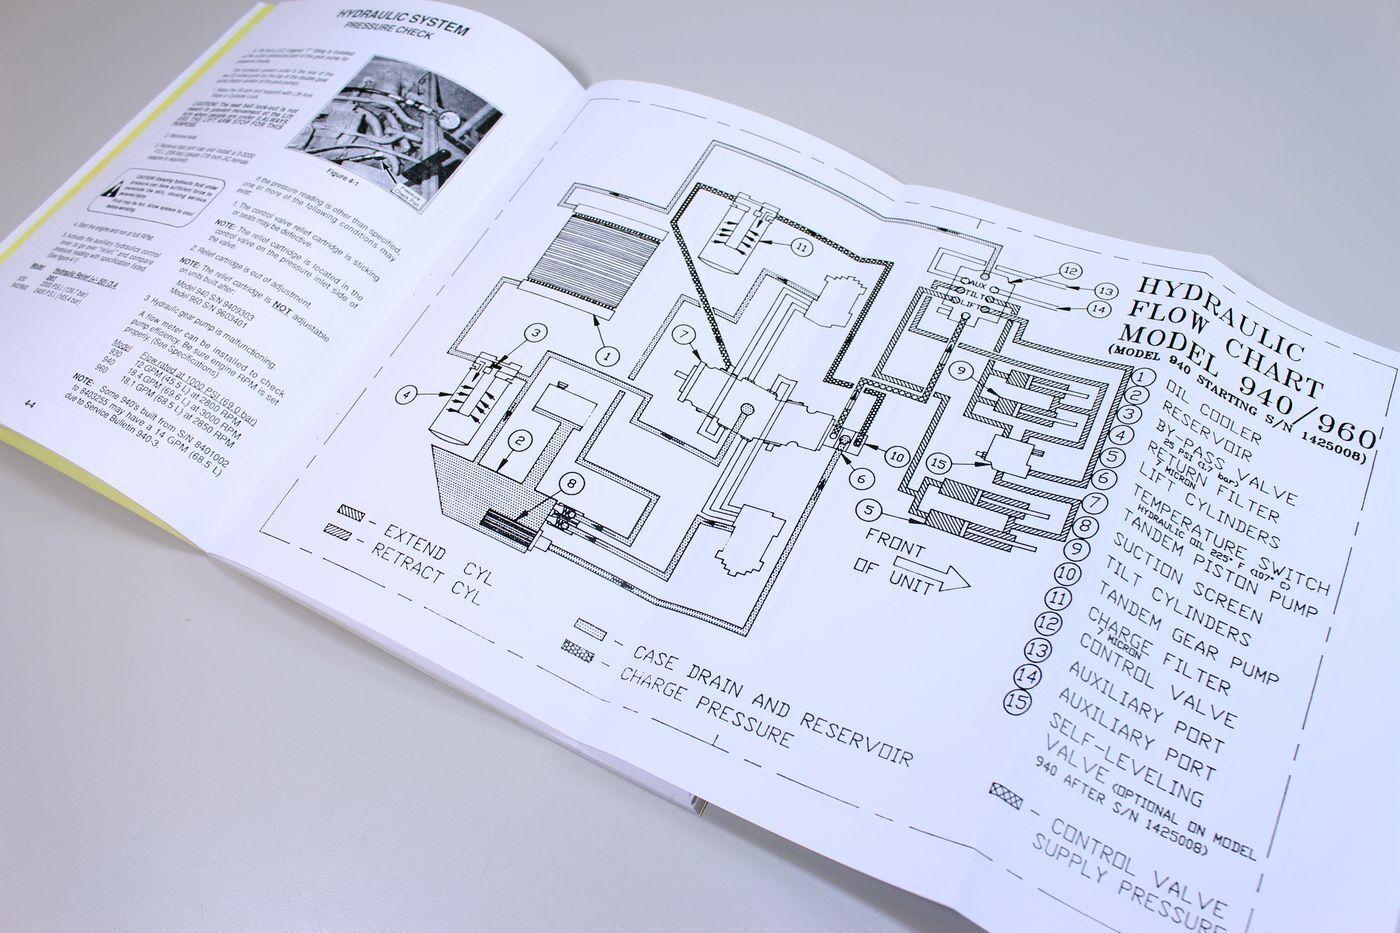 Leeson Motor Wiring Diagram C1814 Fuse Box Dh120 York Predator Schematics Veco62 Vector Free Download Diagrams On